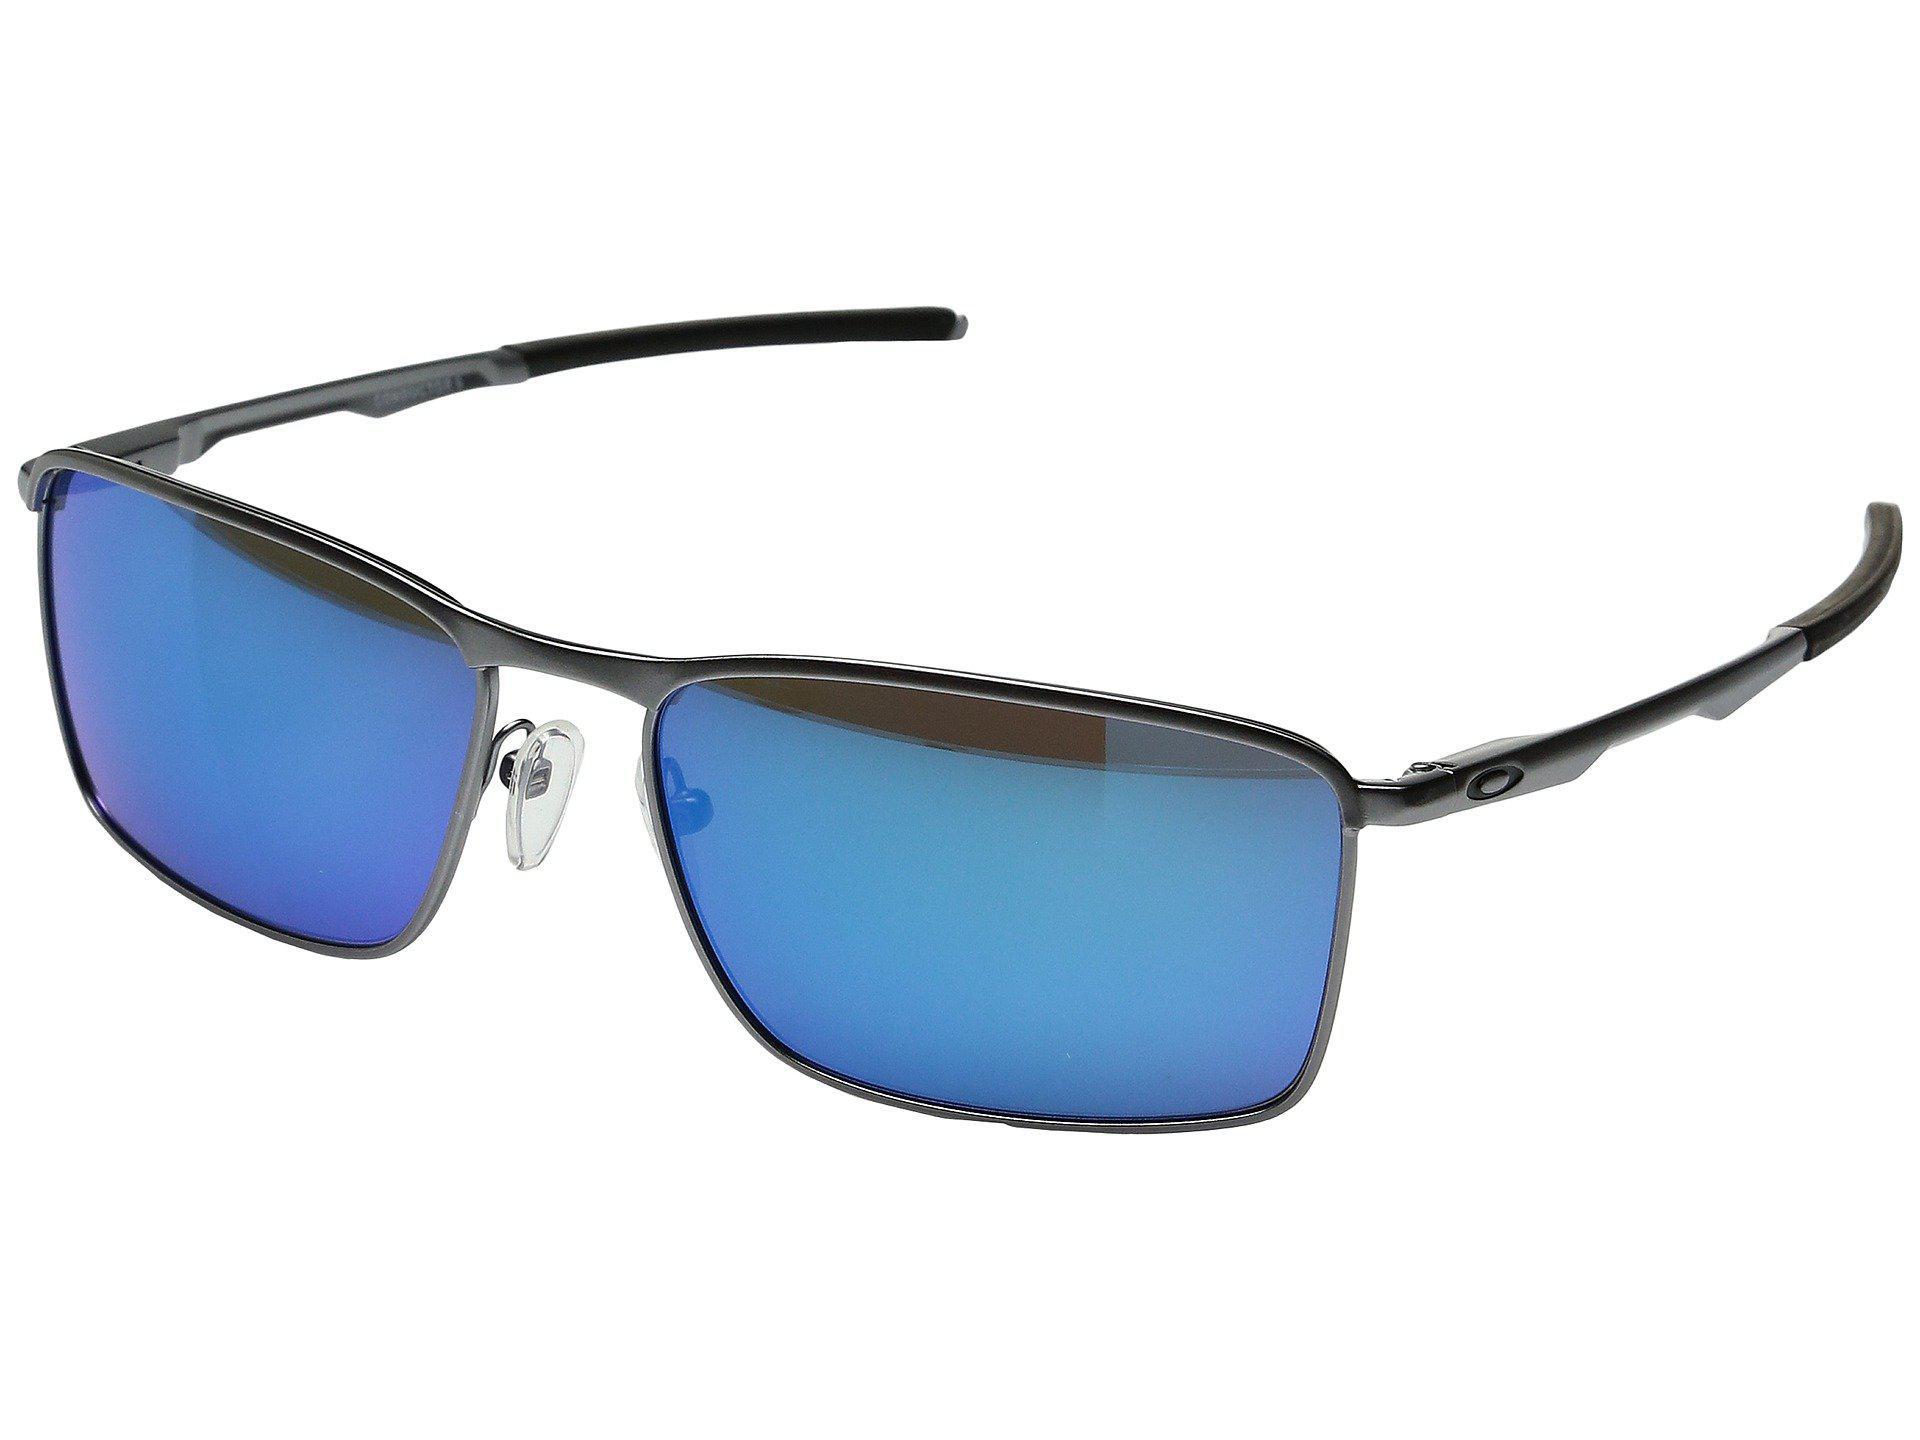 f25f02043d67 Lyst - Oakley Conductor 6 (lead sapphire Iridium) Sport Sunglasses ...